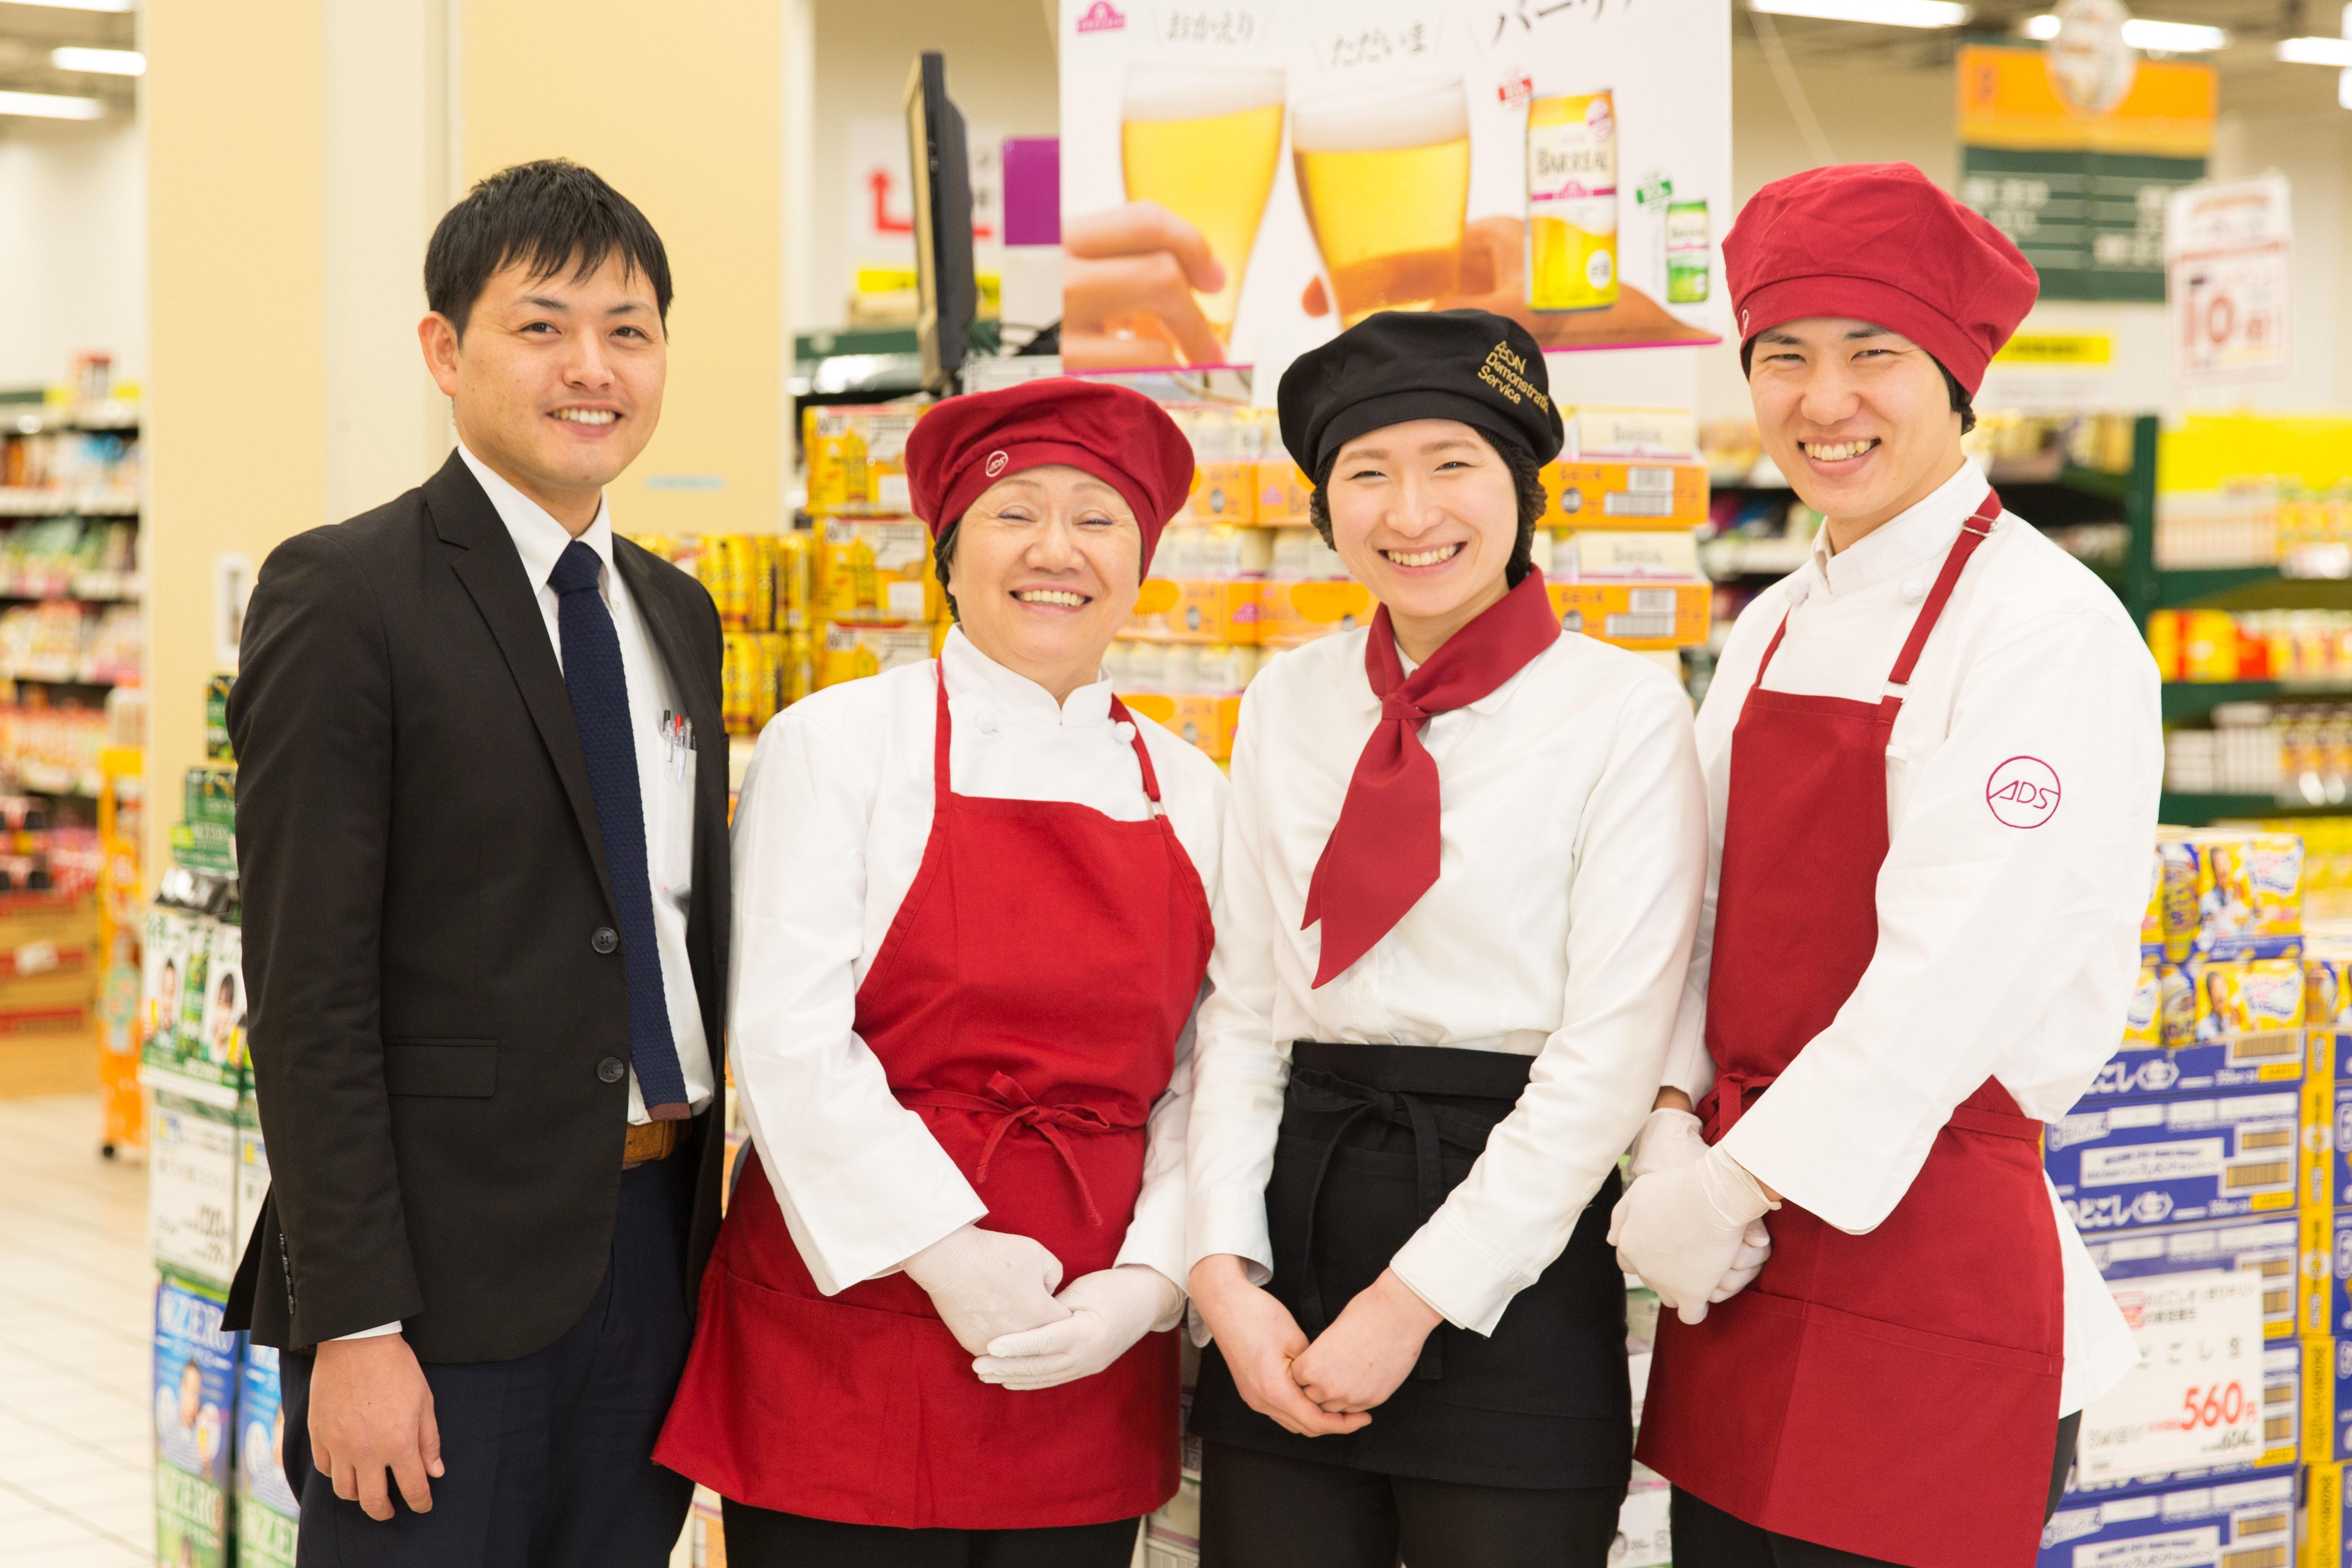 イオン 川口店 のアルバイト情報